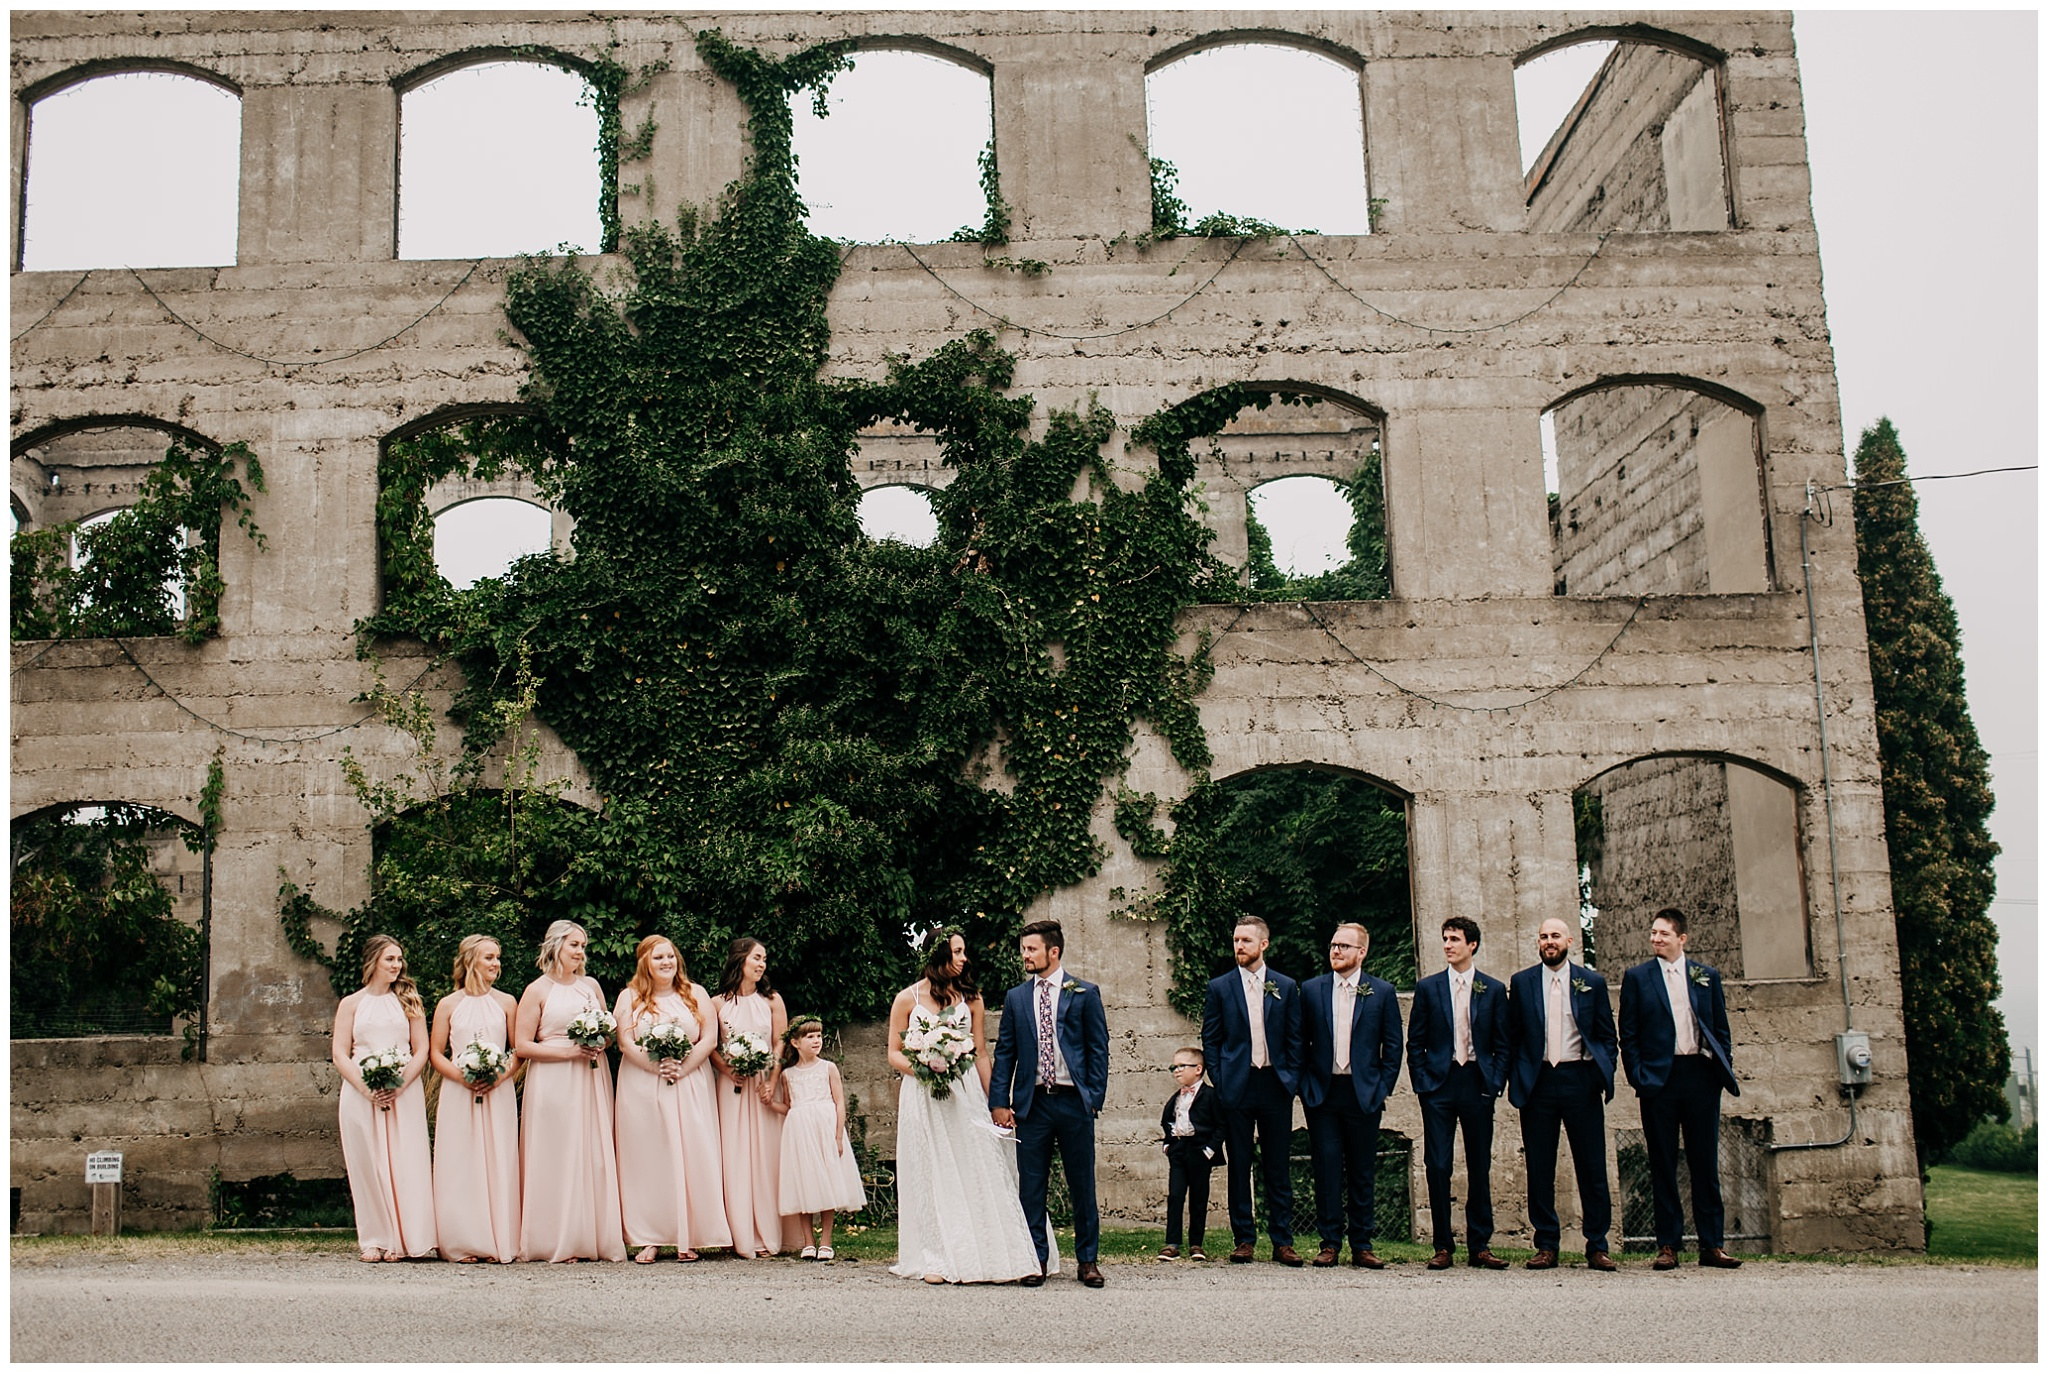 wedding party portrait at linden gardens wedding